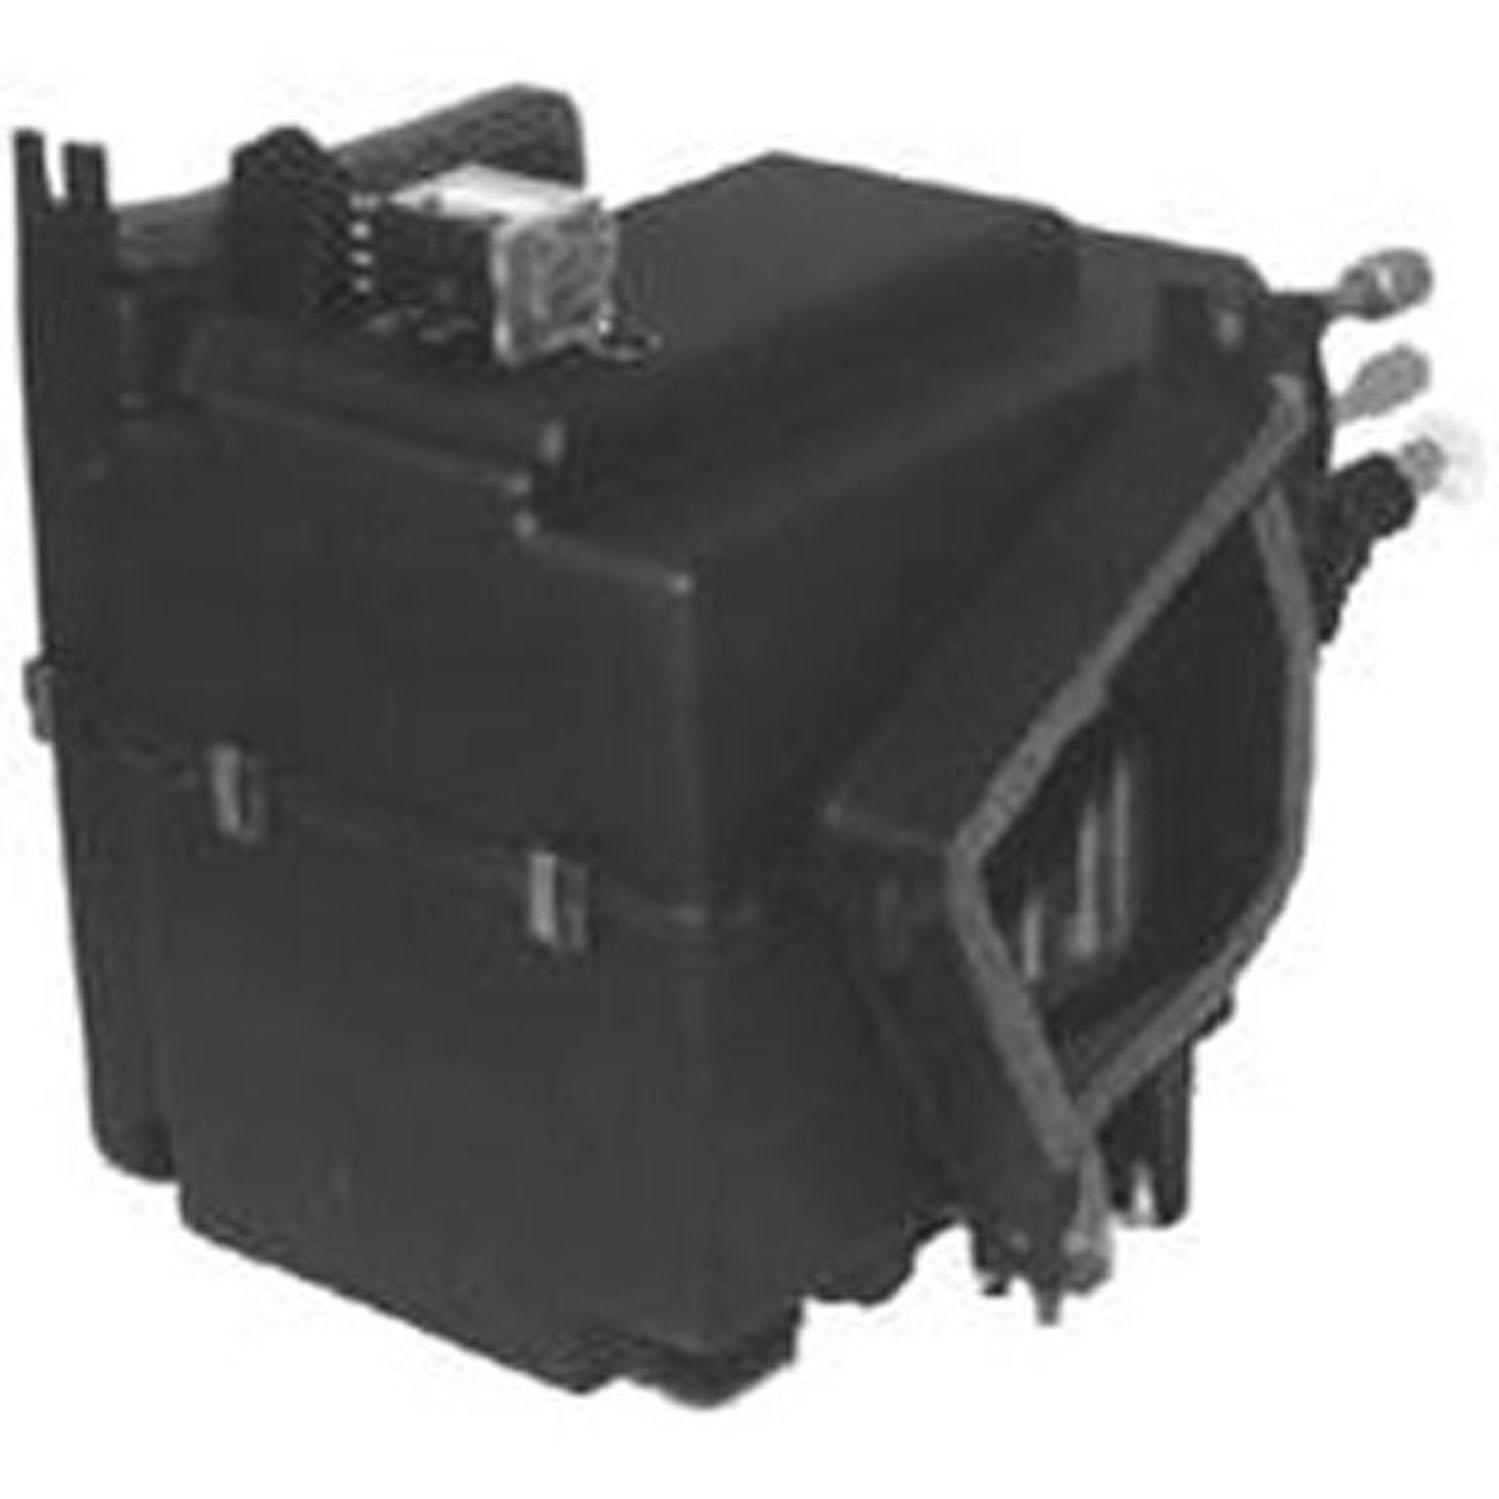 Evaporator Assembly TOY PICKUP 95-89